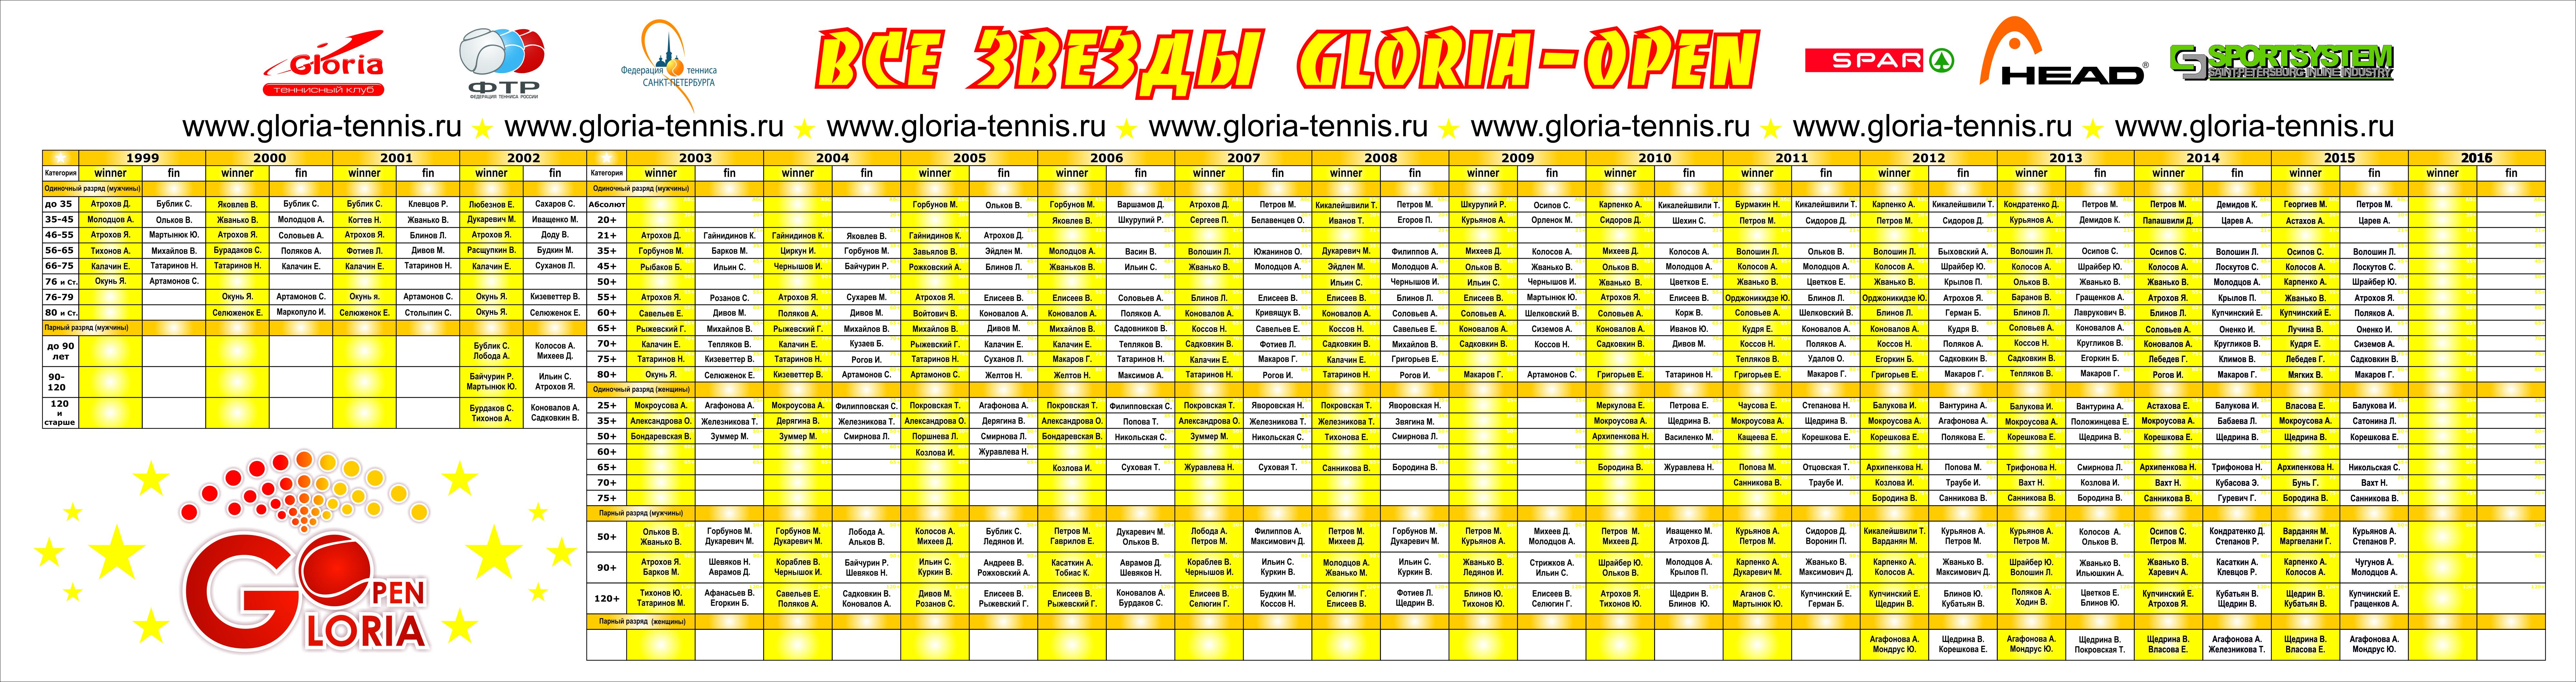 Звезды Gloria Open